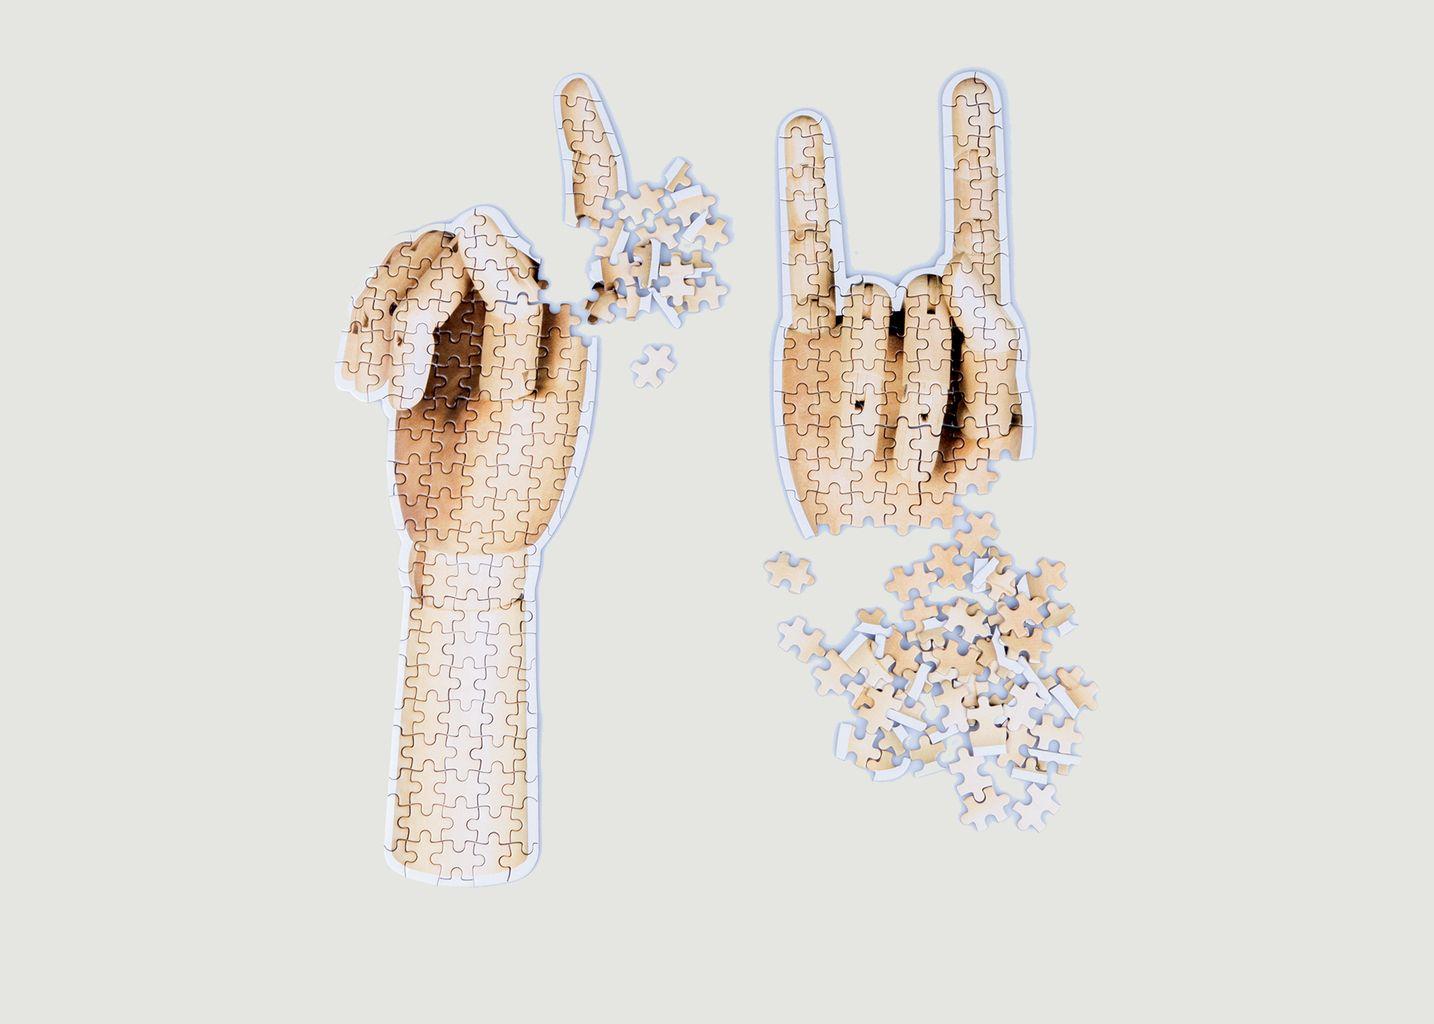 Slow Puzzle Hand - Doiy